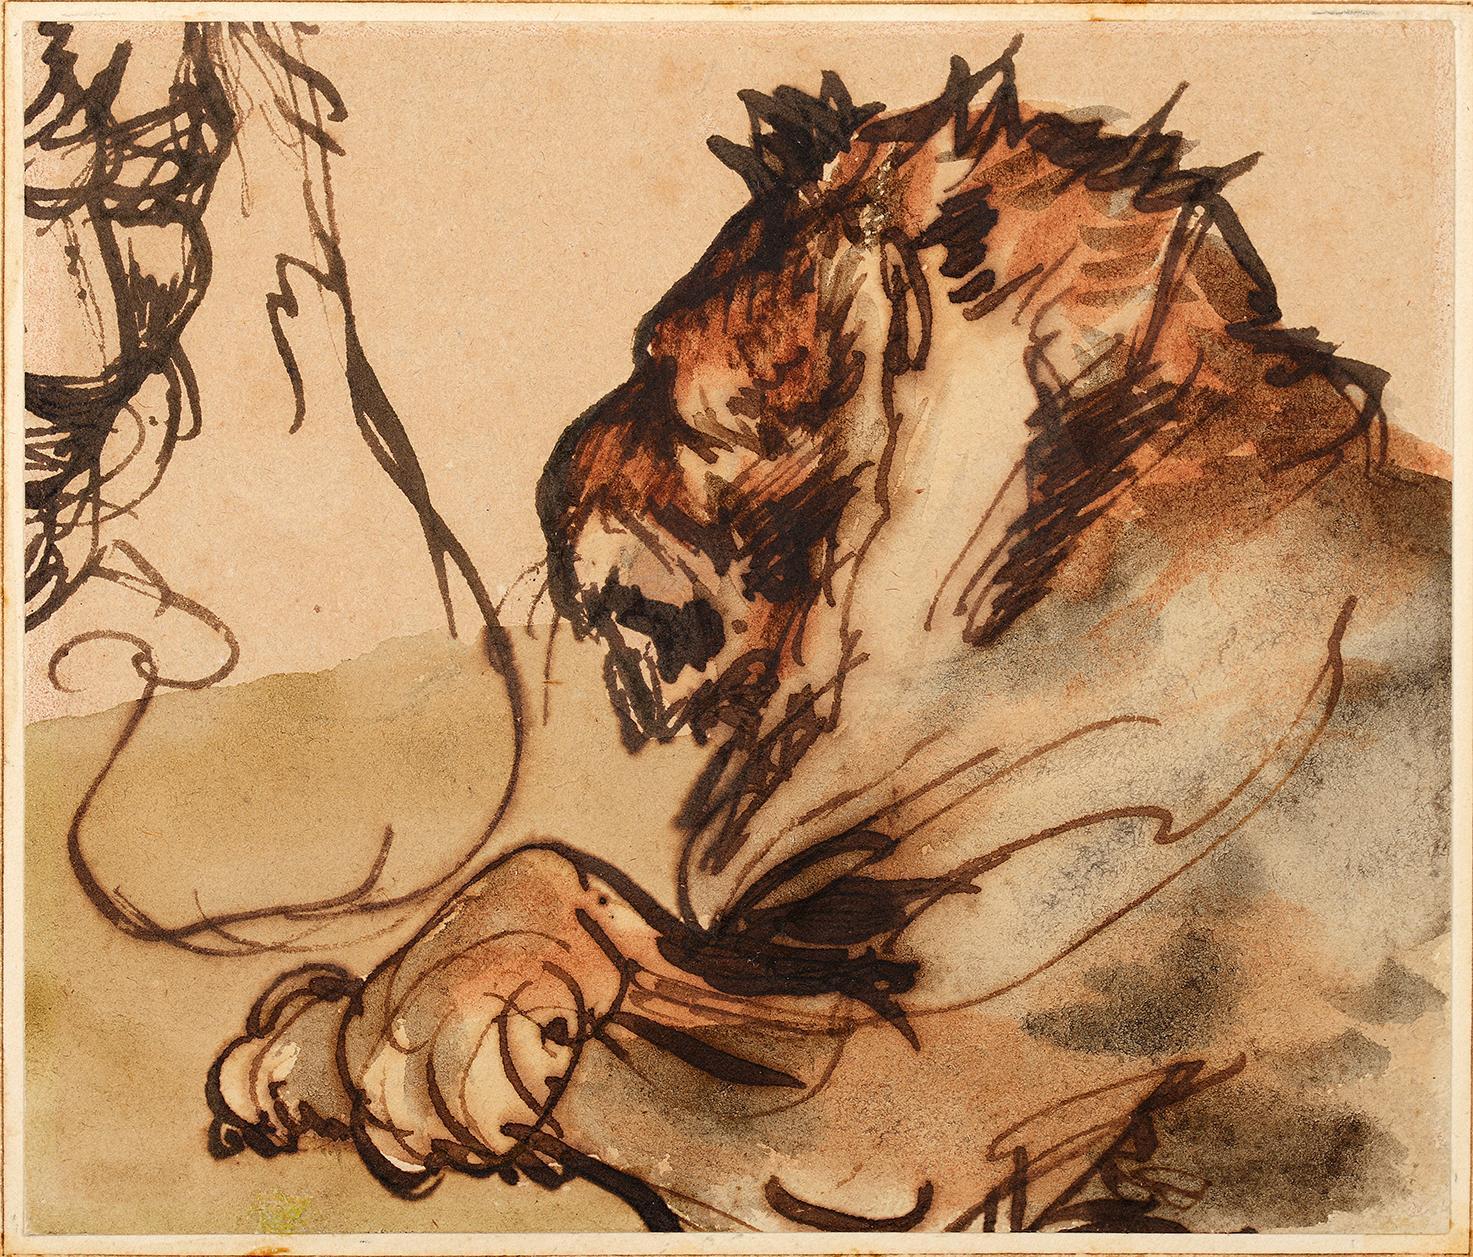 TEFAF 2018 Théodore Géricault, Study of a Lion (Studio di un Leone) del 1791